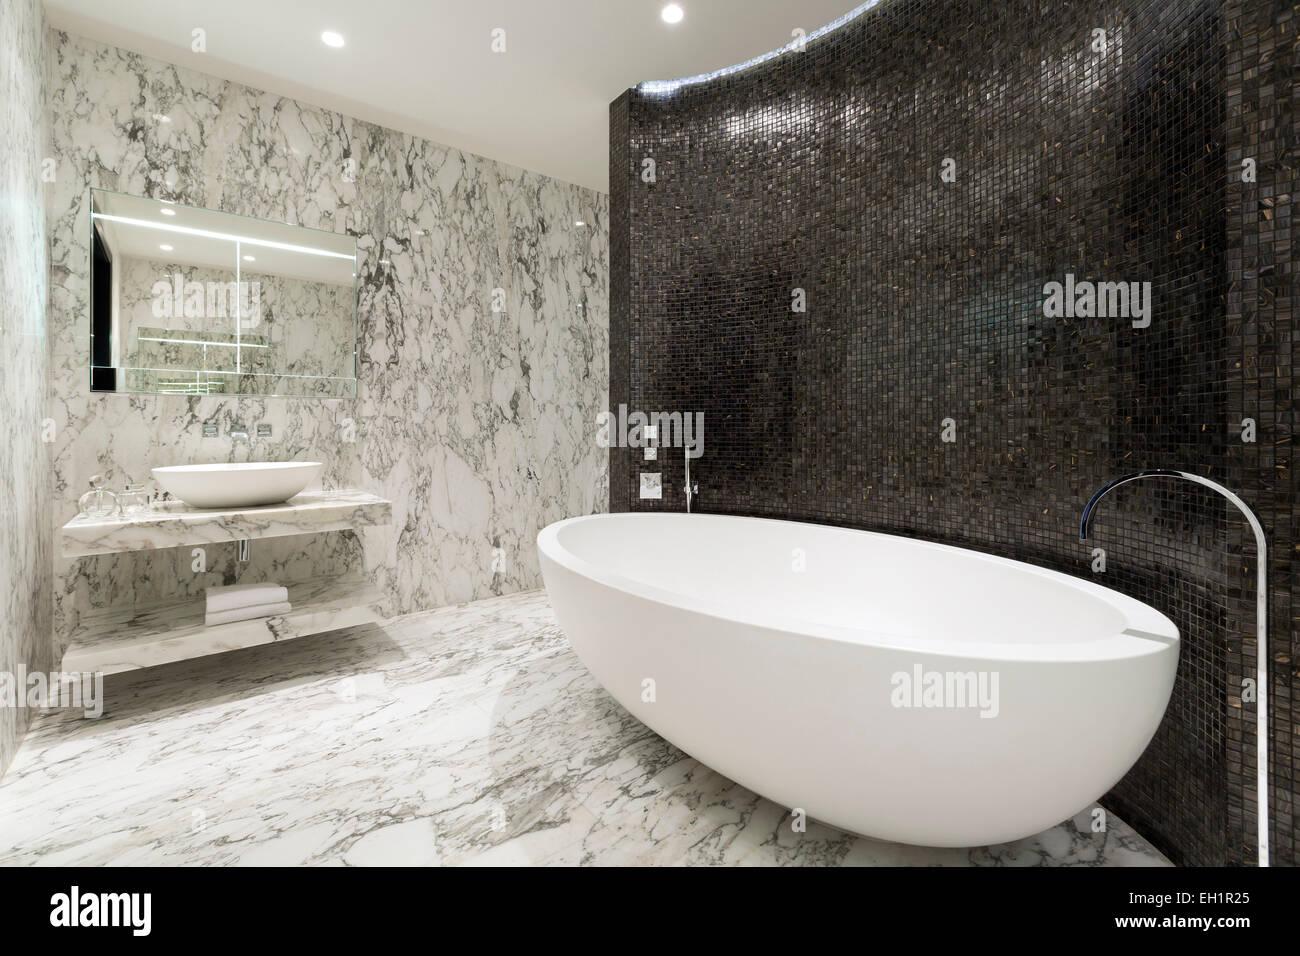 Master salle de bains avec sol en marbre et des murs bleu complété ...